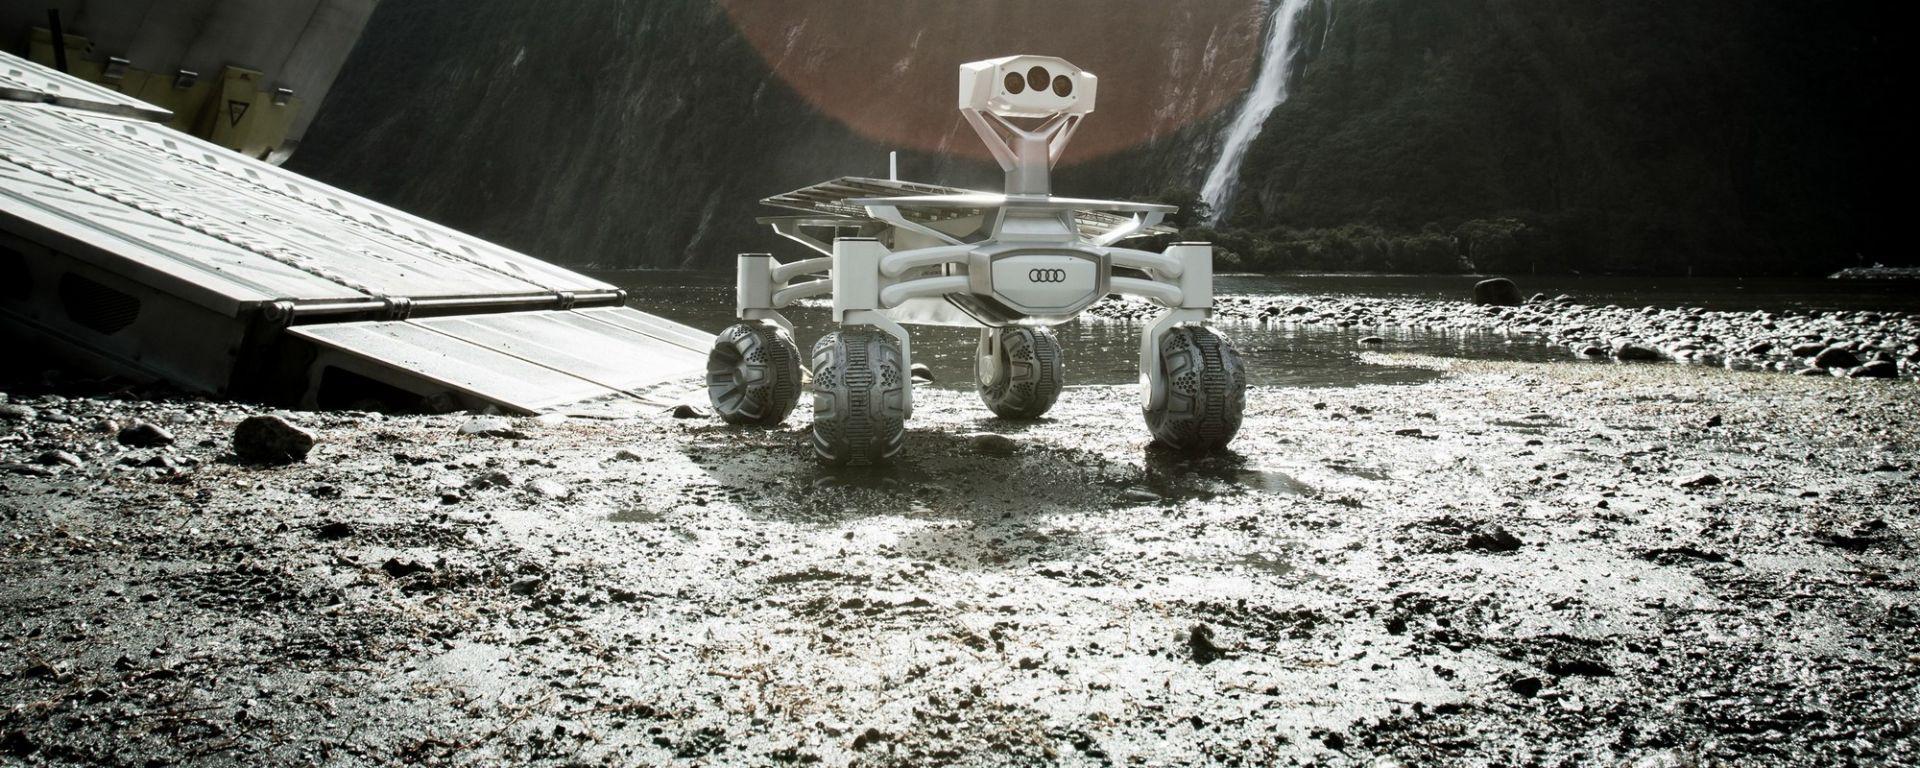 Audi Lunar Quattro: in azione in